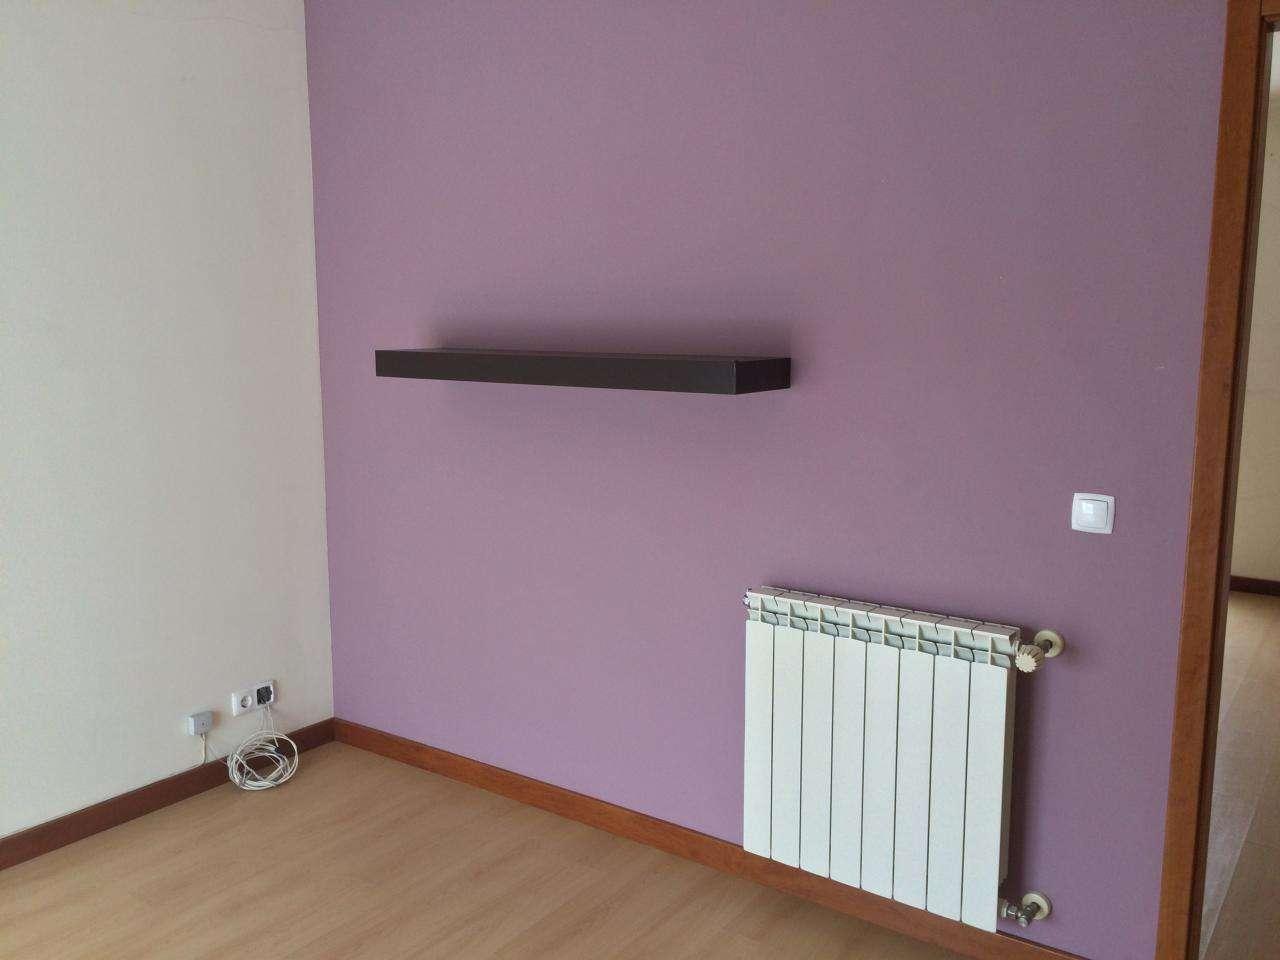 Apartamento para comprar, Palhaça, Oliveira do Bairro, Aveiro - Foto 5